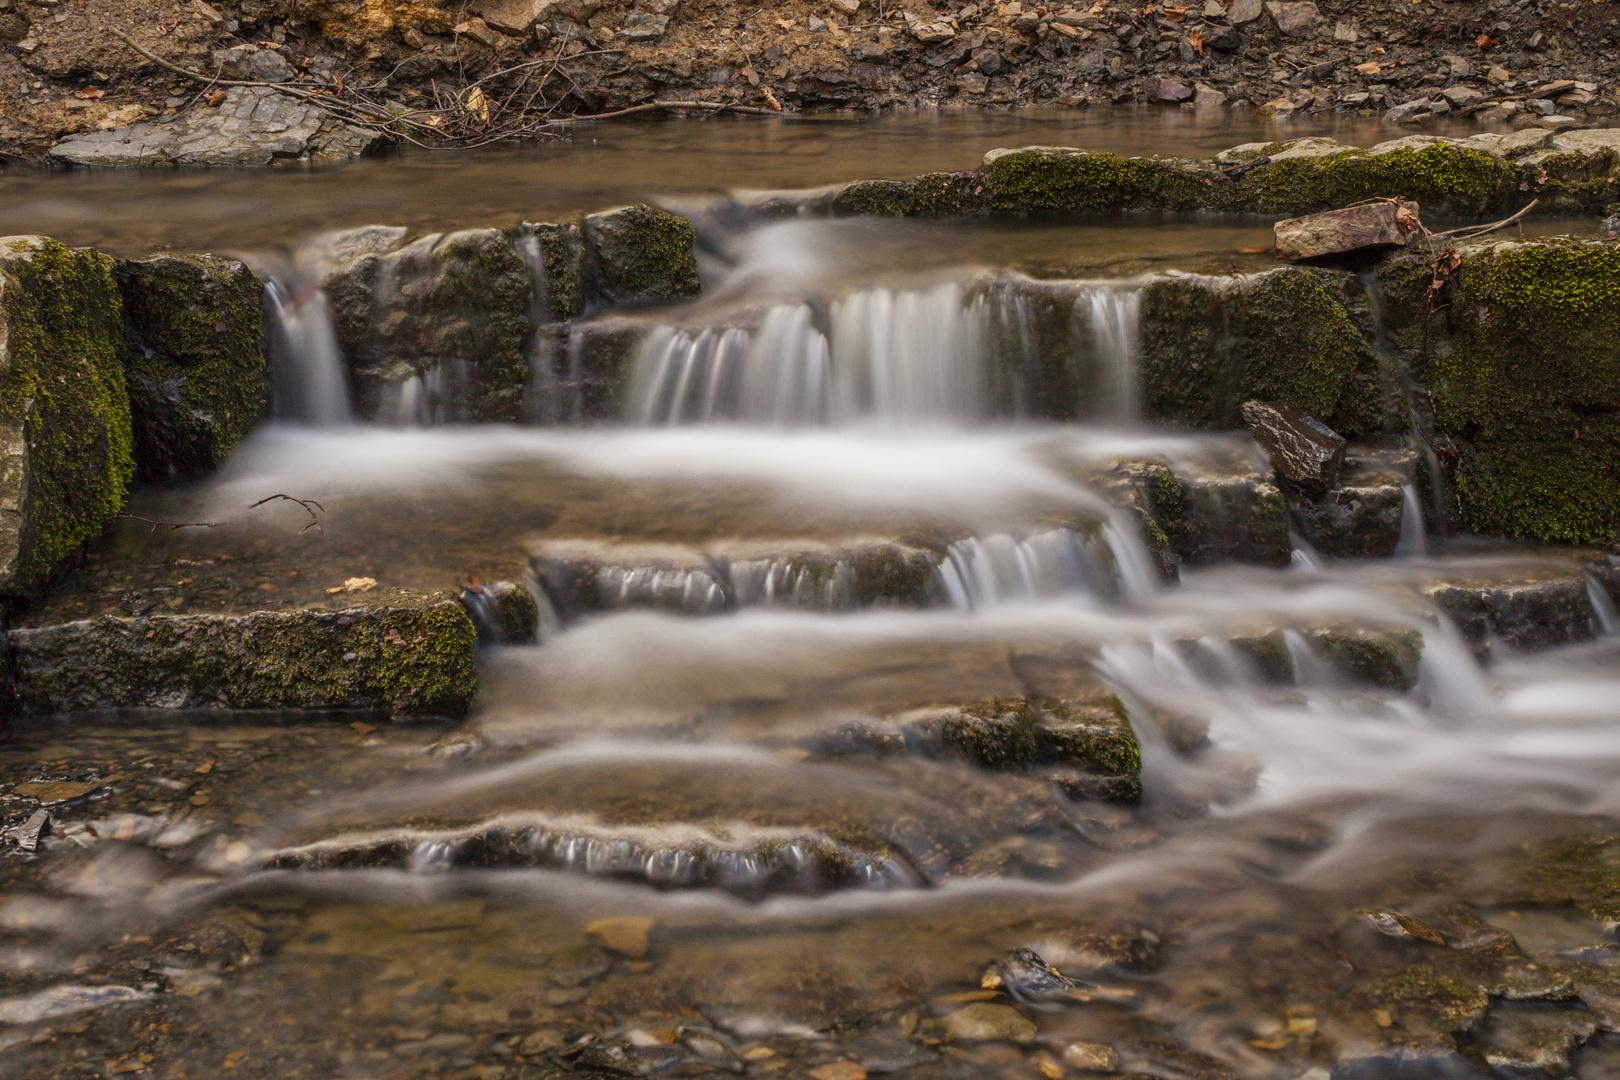 Kleiner Bachlauf - Großer Wasserfall?